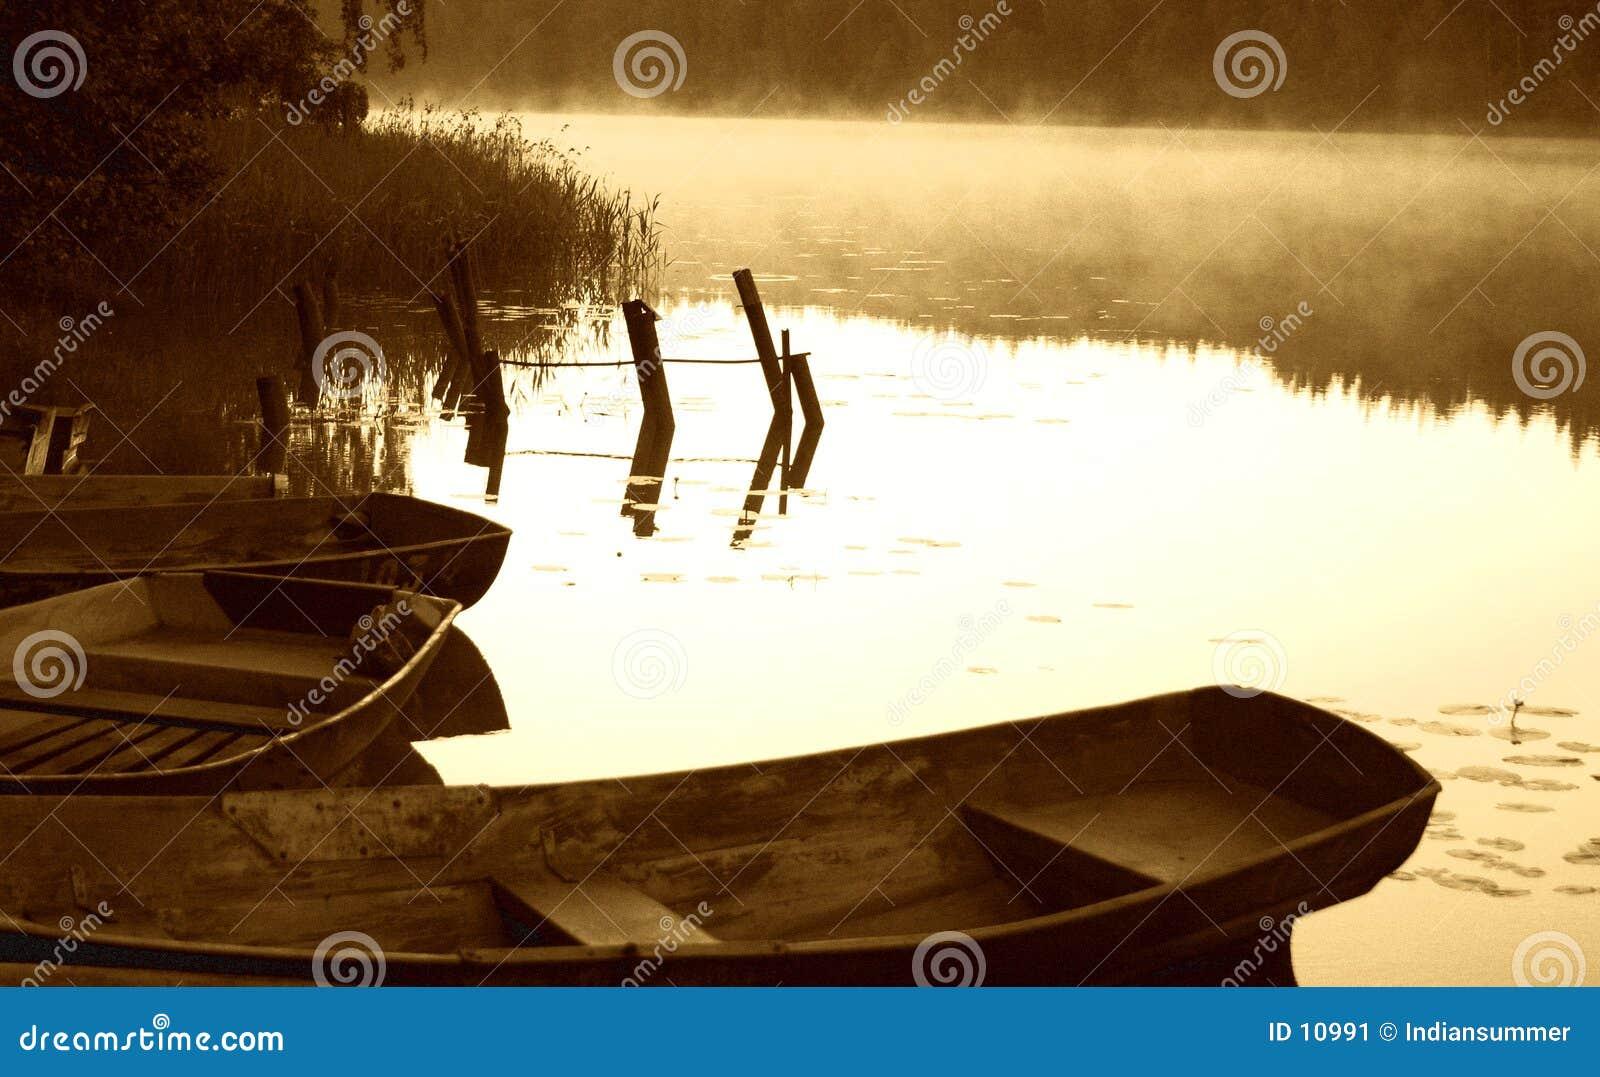 Skizze des frühen Morgens durch den nebeligen See mit Booten